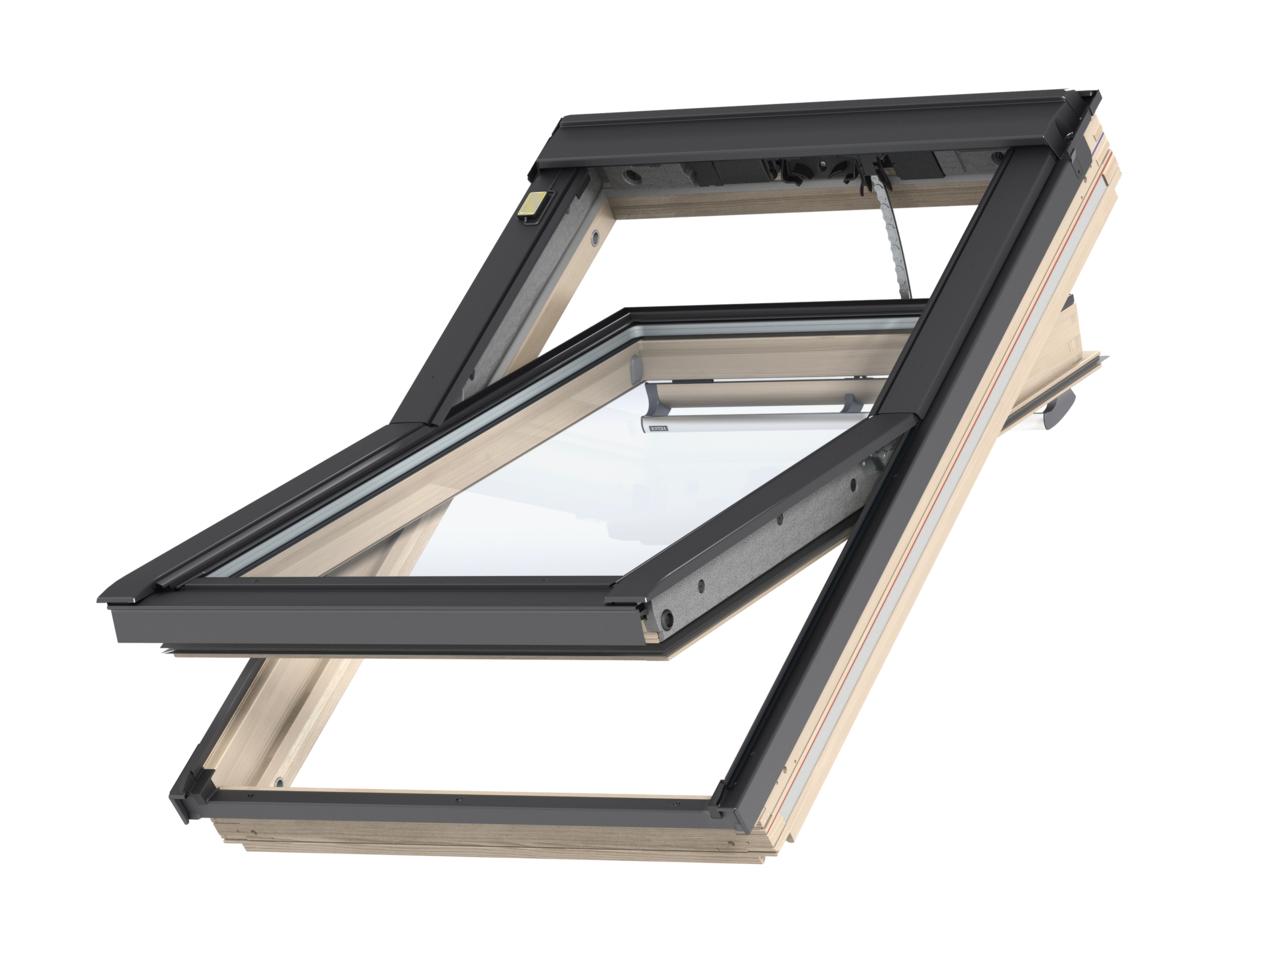 VELUX Elektricky ovládané okno GGL 306821 Integra rozměr: MK08 78x140 cm